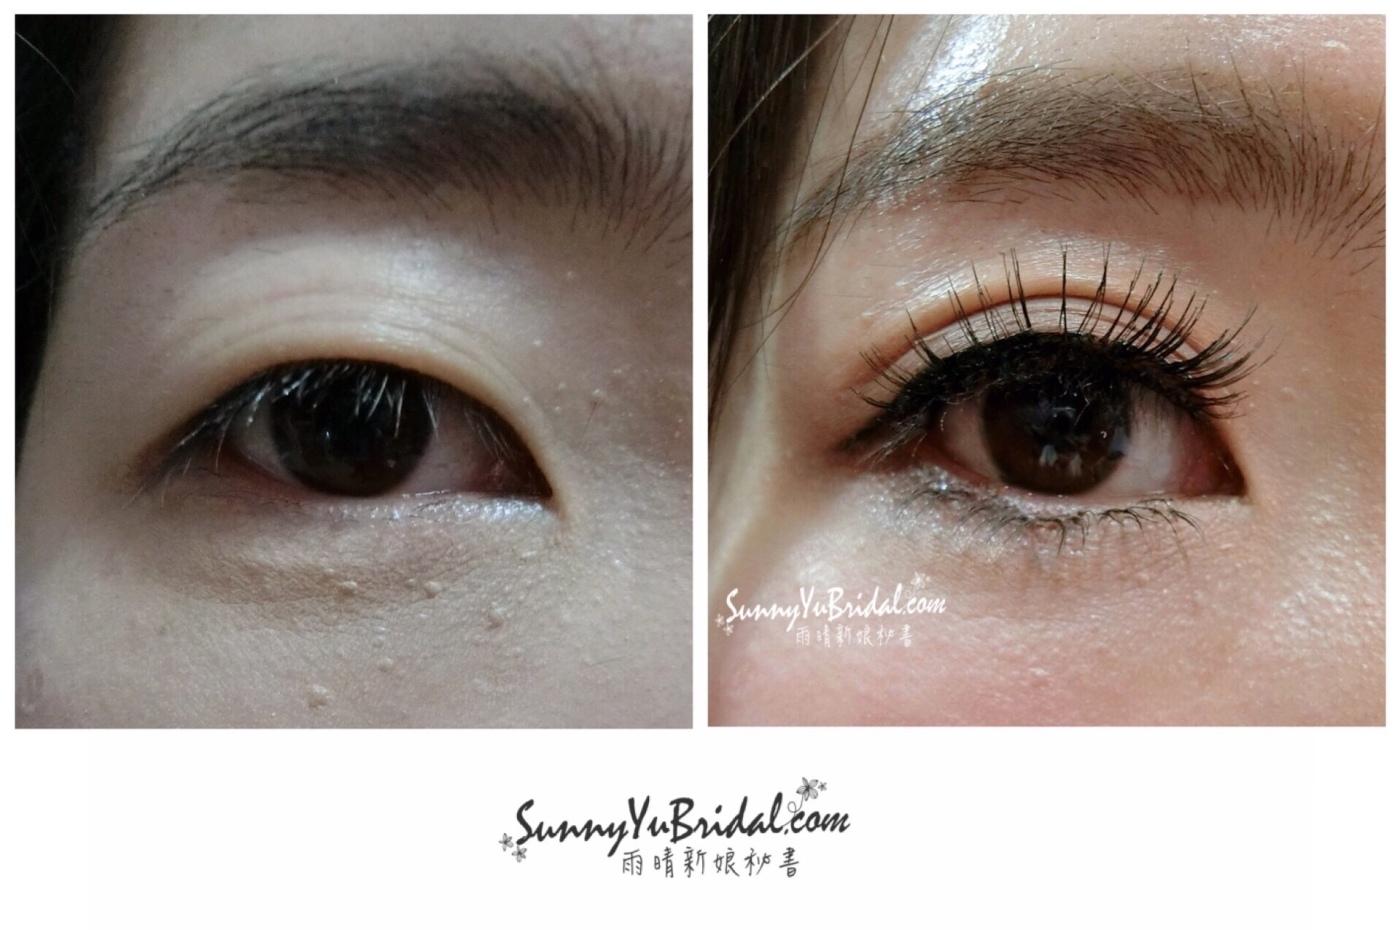 新娘妝容|新娘精緻眼妝|眼型調整|清透乾淨眼妝|根根分明睫毛|仿真下睫毛|眼妝前後比對|單眼皮眼妝